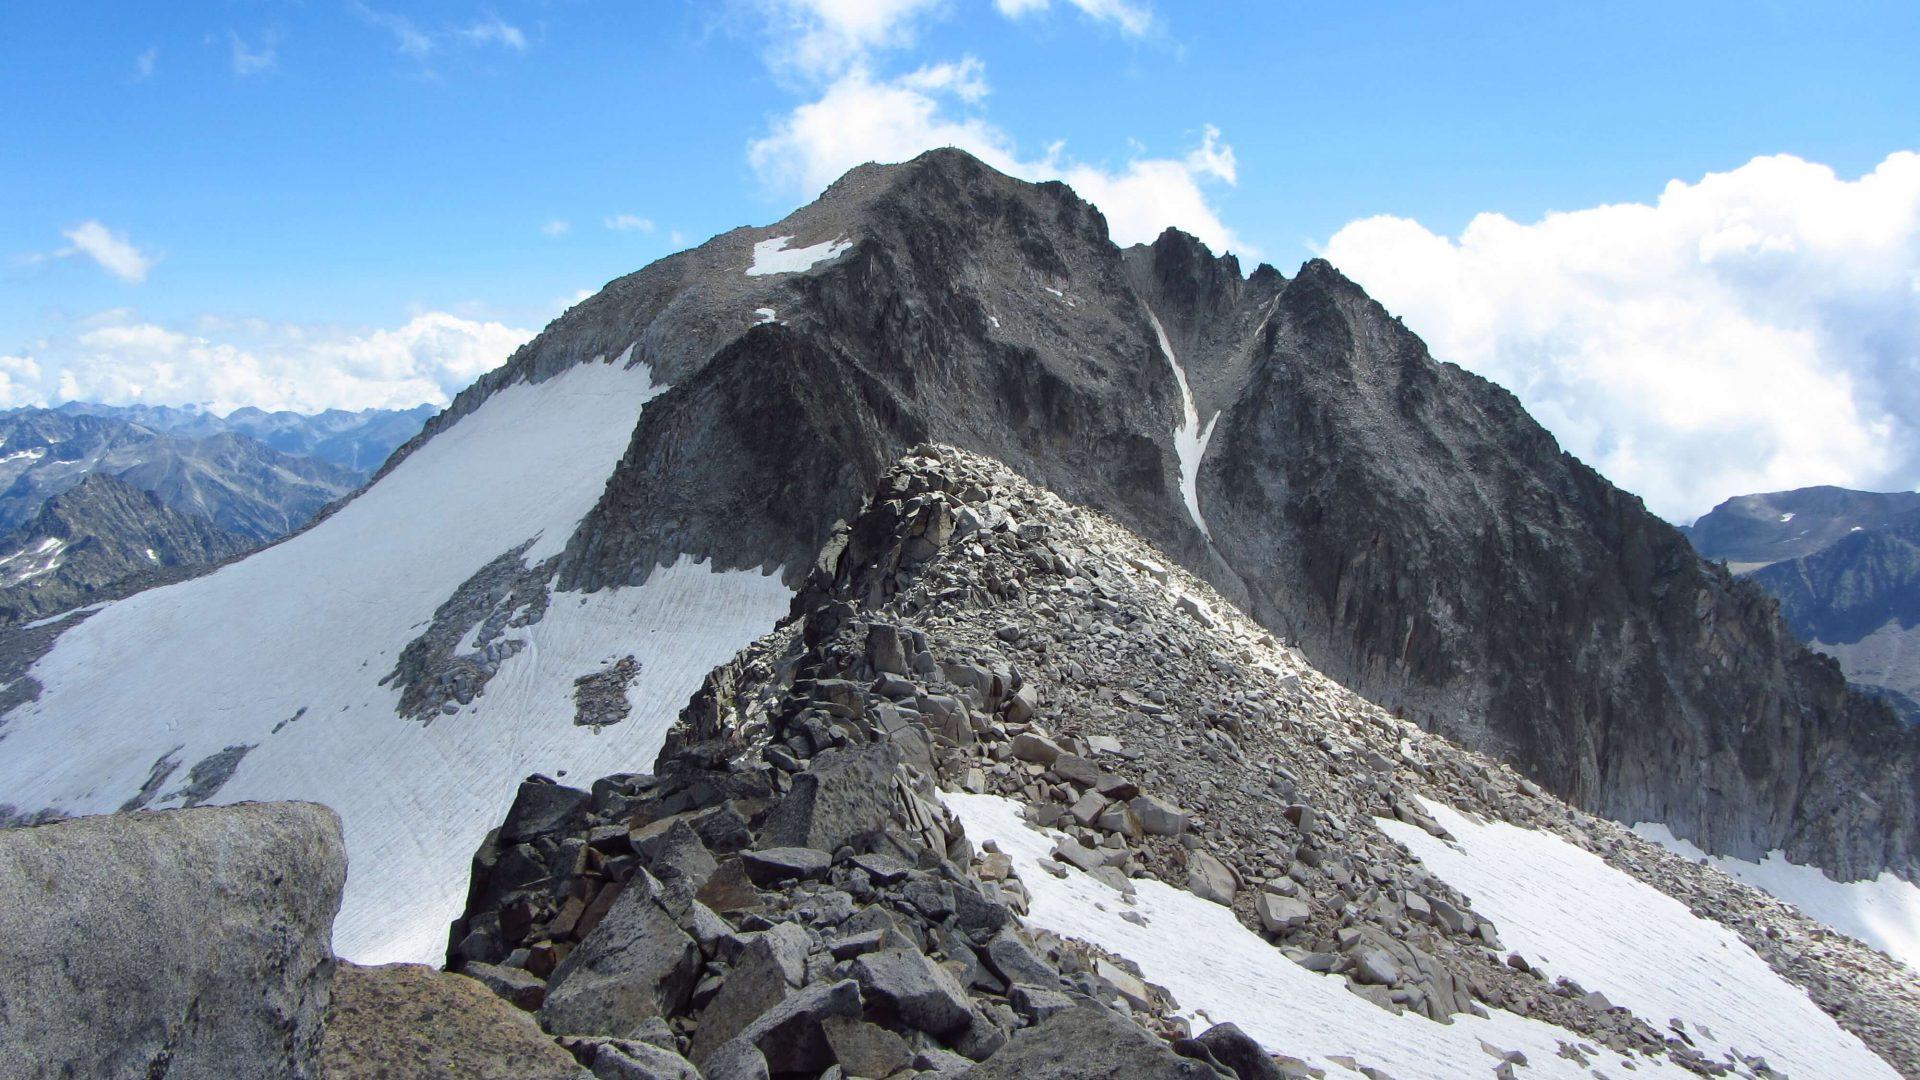 El pico Aneto, en los Pirineos.